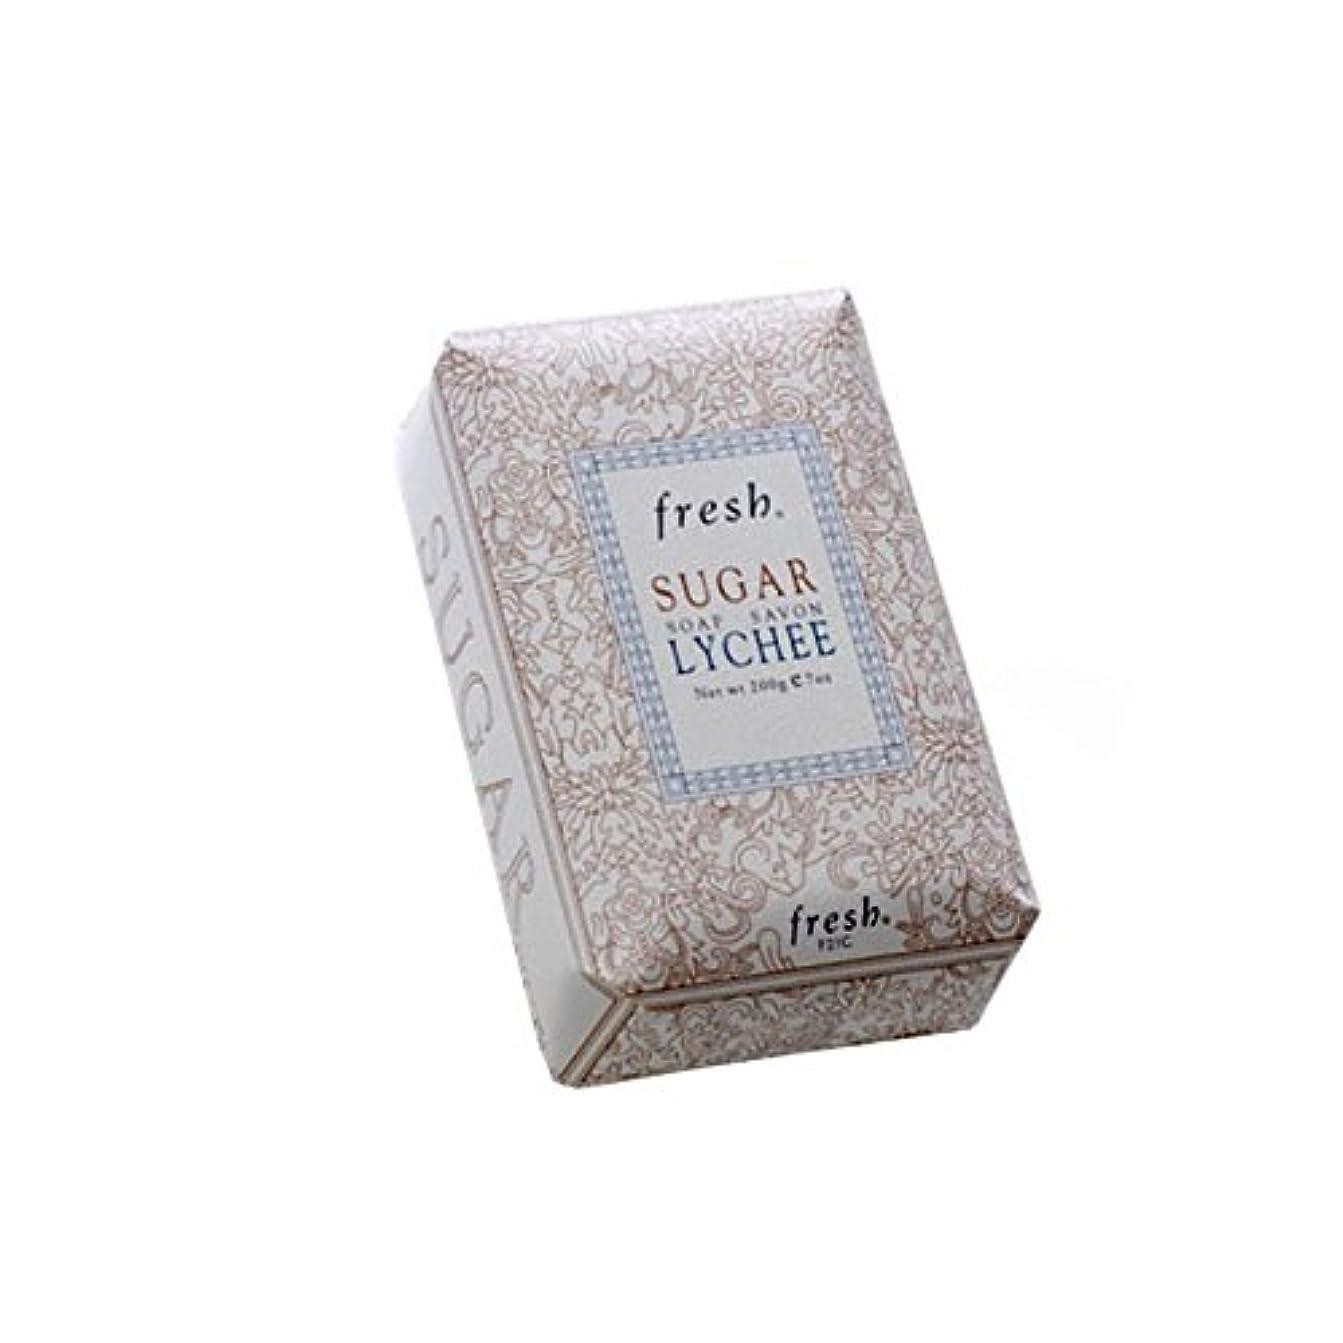 ソーダ水速報契約したFresh フレッシュ シュガーライチ石鹸 Sugar Lychee Soap, 200g/7oz [海外直送品] [並行輸入品]